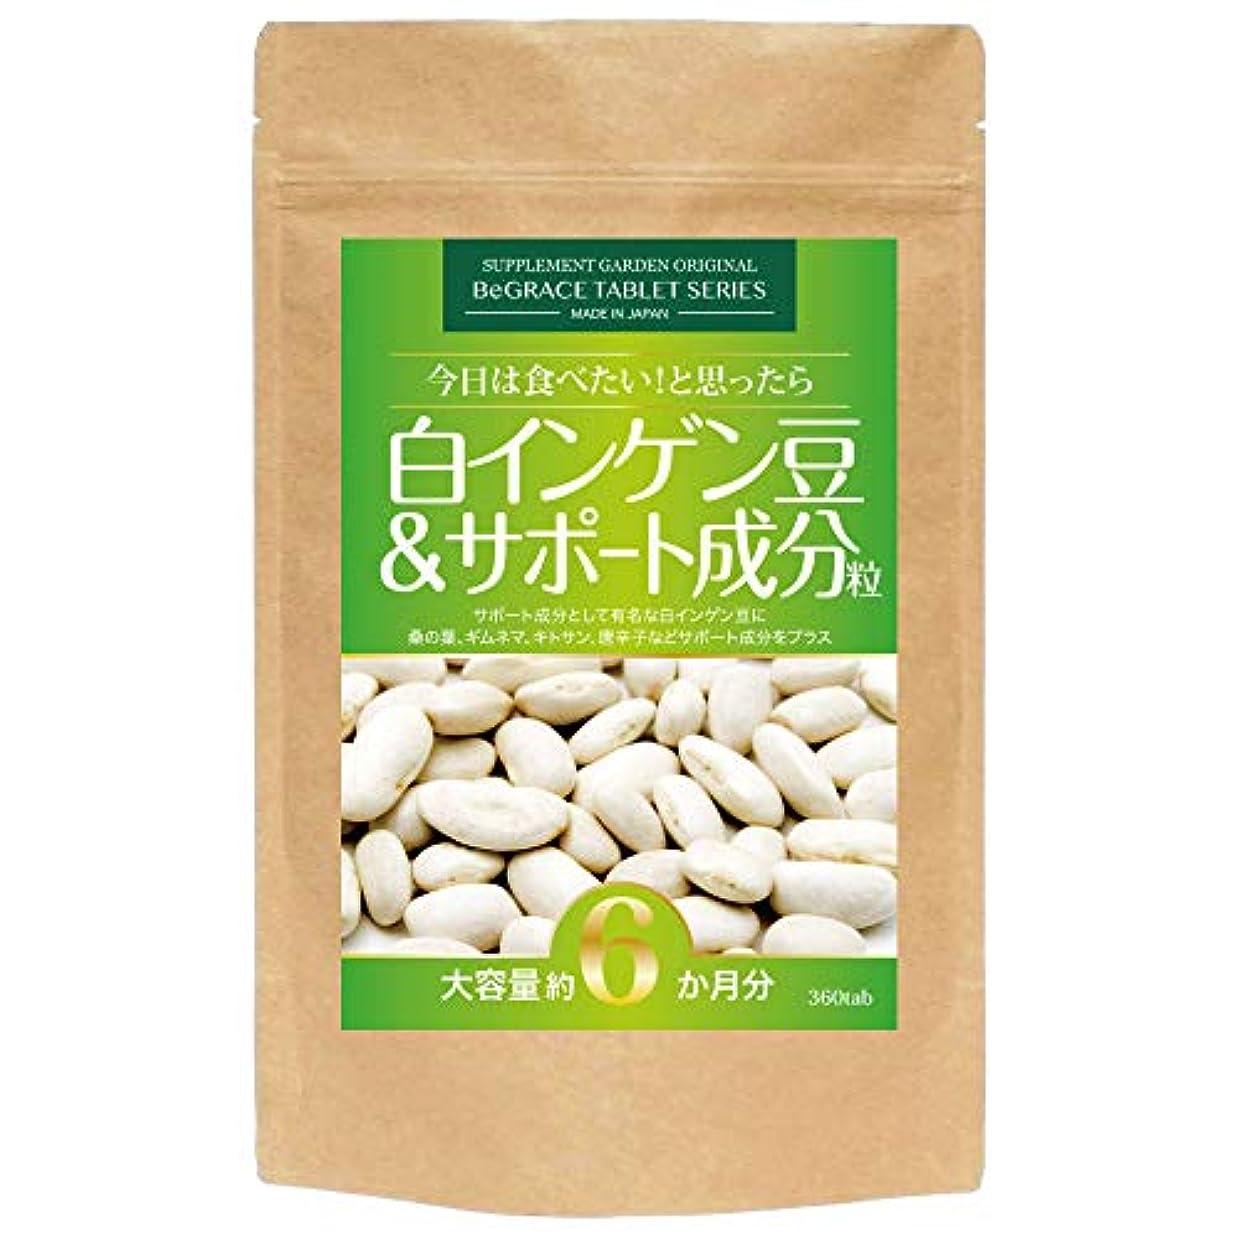 地球寛大な数白インゲン豆&サポート成分粒 大容量約6ヶ月分/360粒(白インゲン豆?桑の葉?ギムネマ?キトサン?唐辛子)